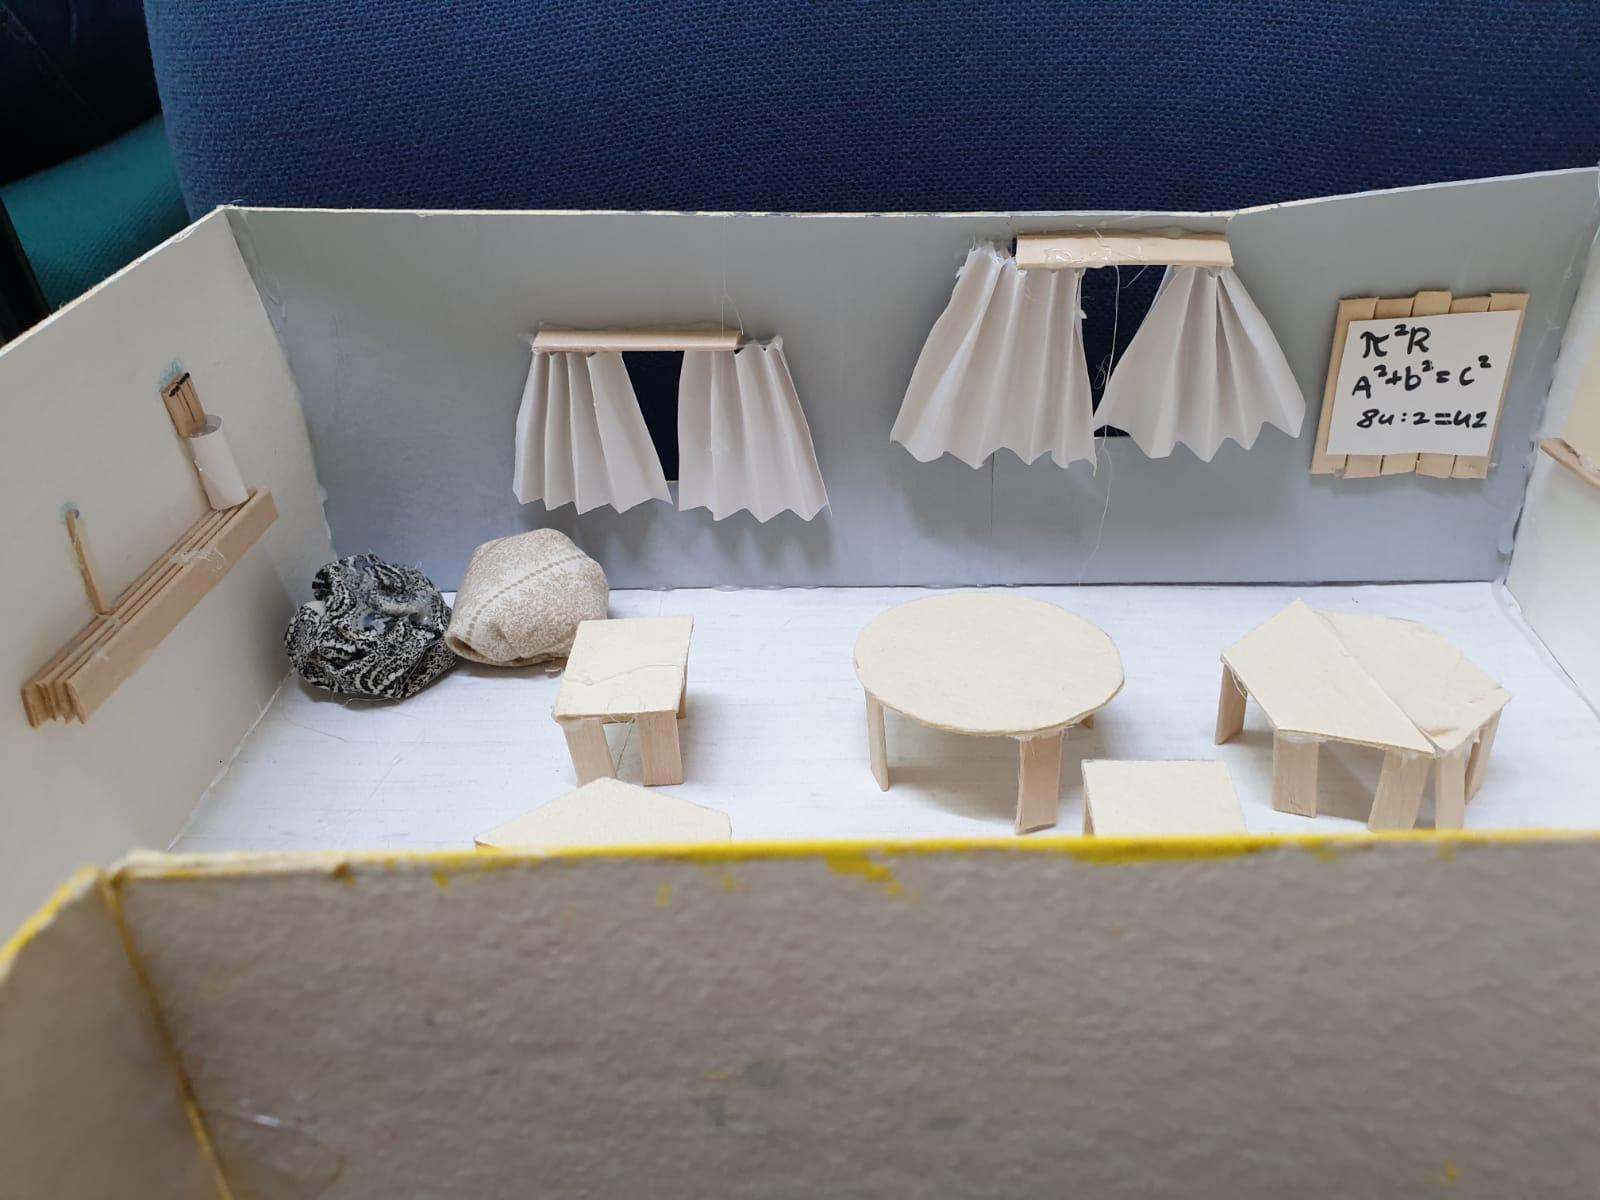 חדר מתמטיקה